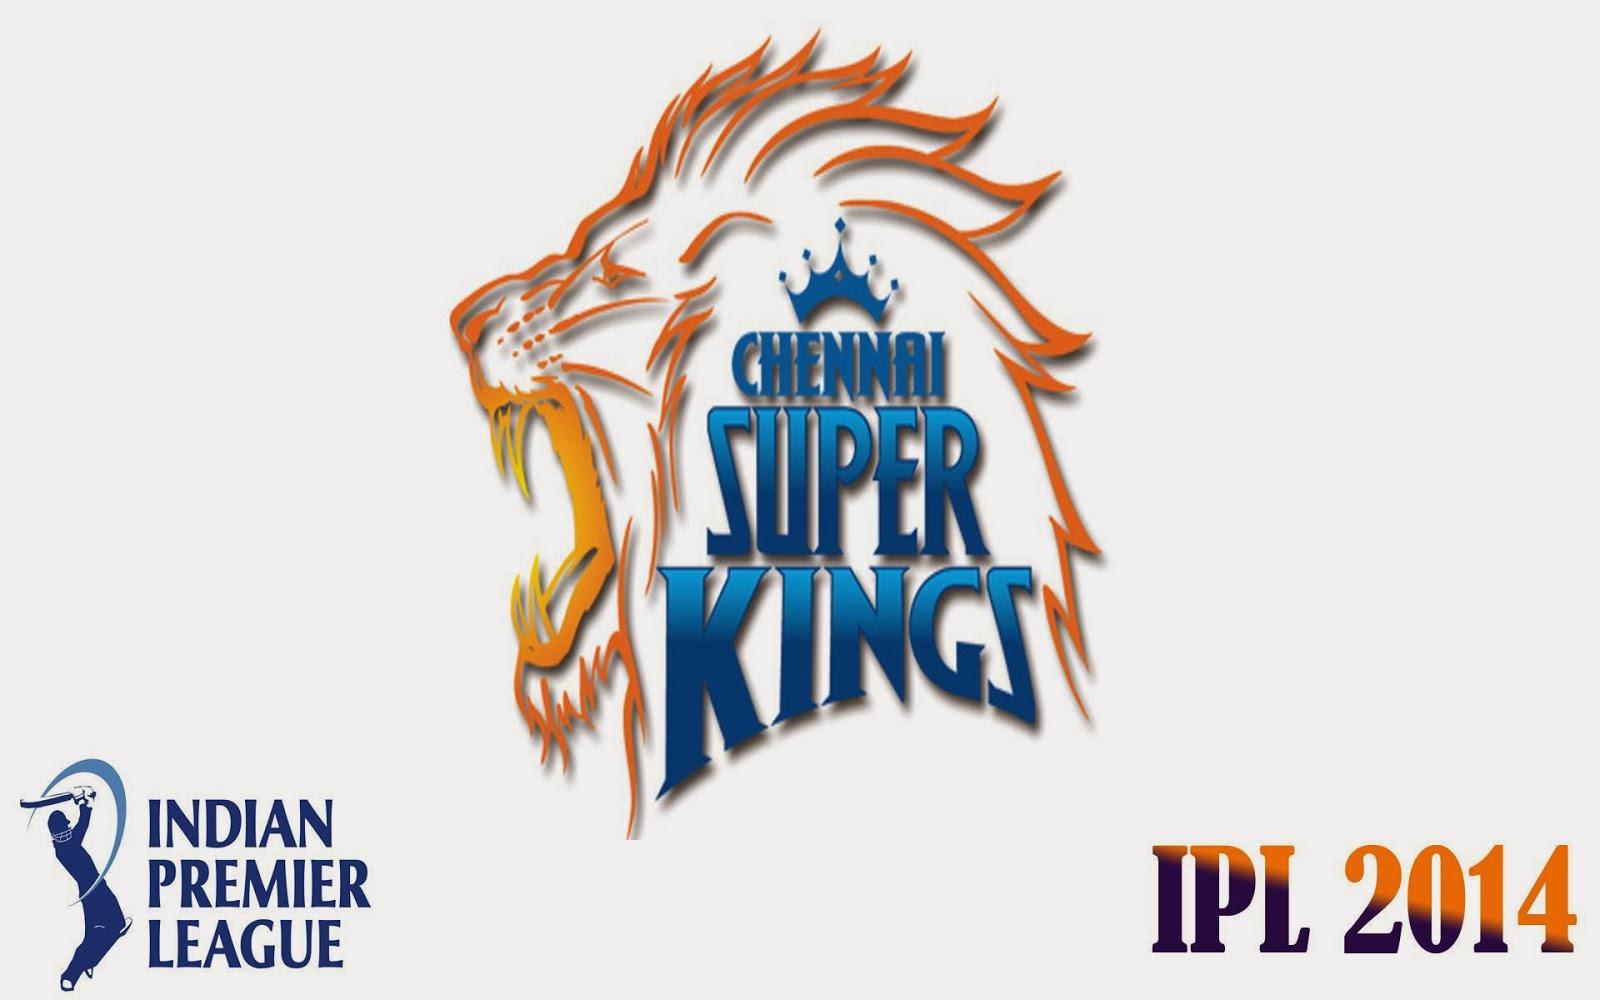 Csk Logo Hd Wallpapers 1080p The Best Hd Wallpaper